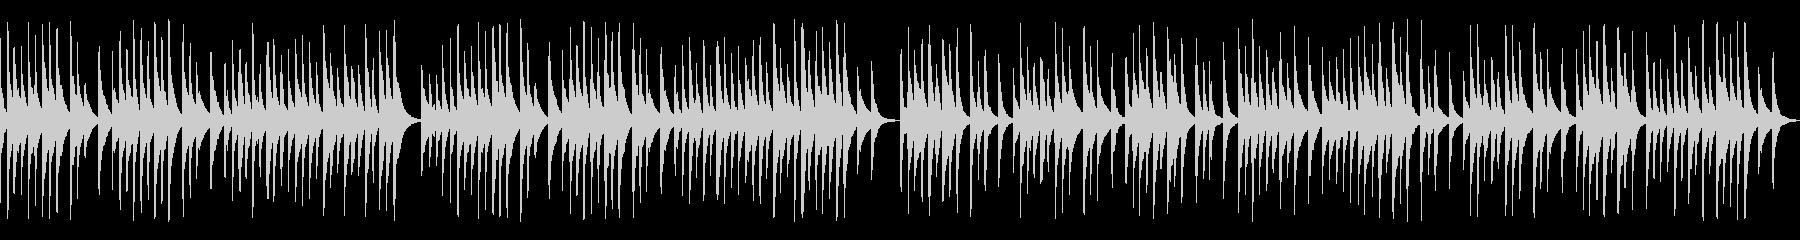 解説や作業動画に合う可愛い木琴(ループの未再生の波形